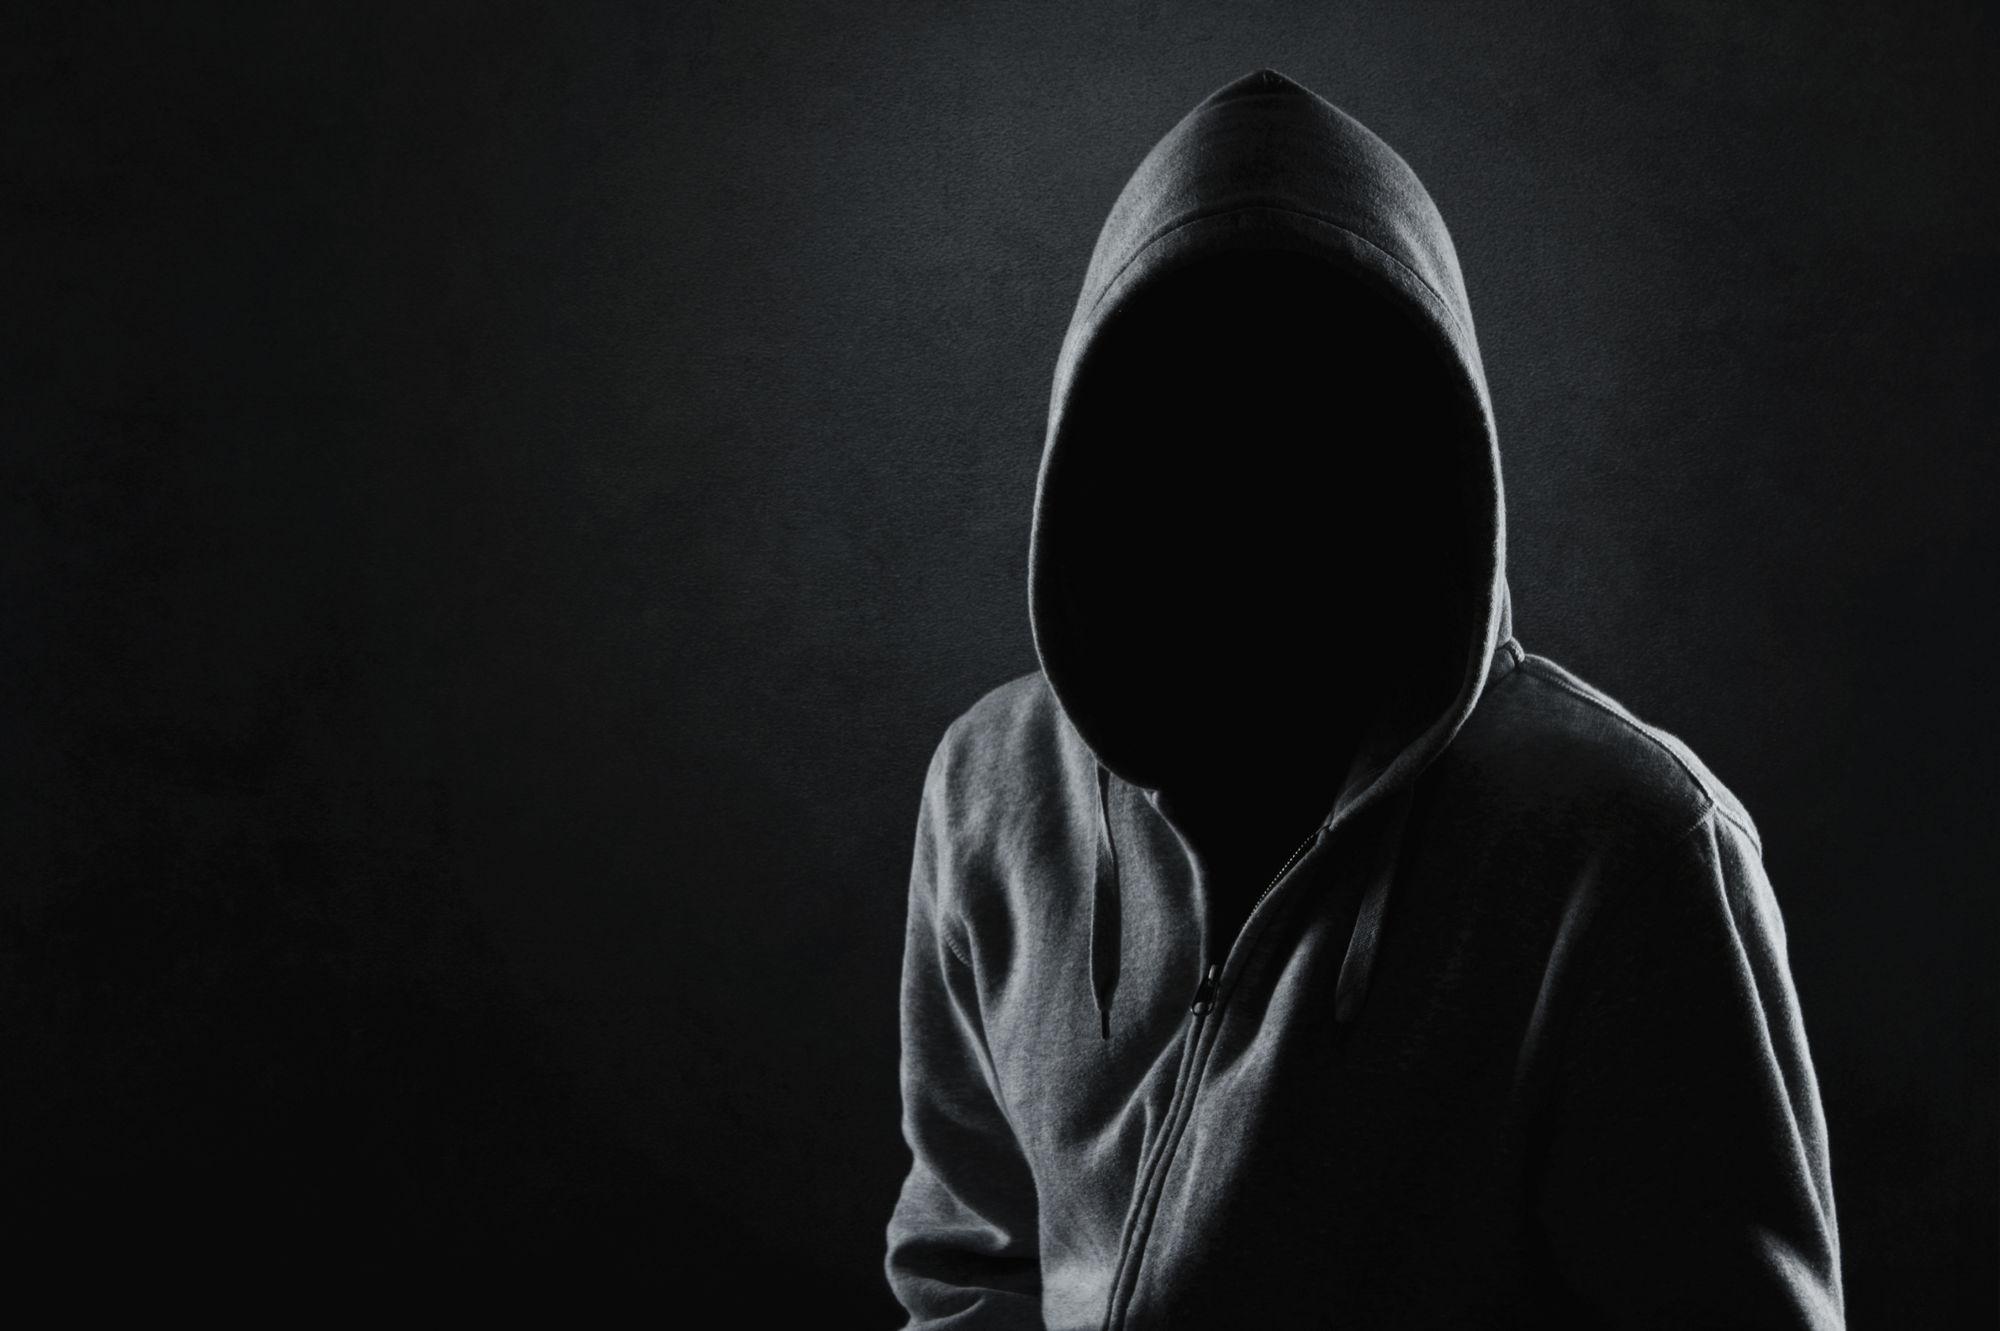 هک تلگرام | آیا تلگرام هک می شود ؟